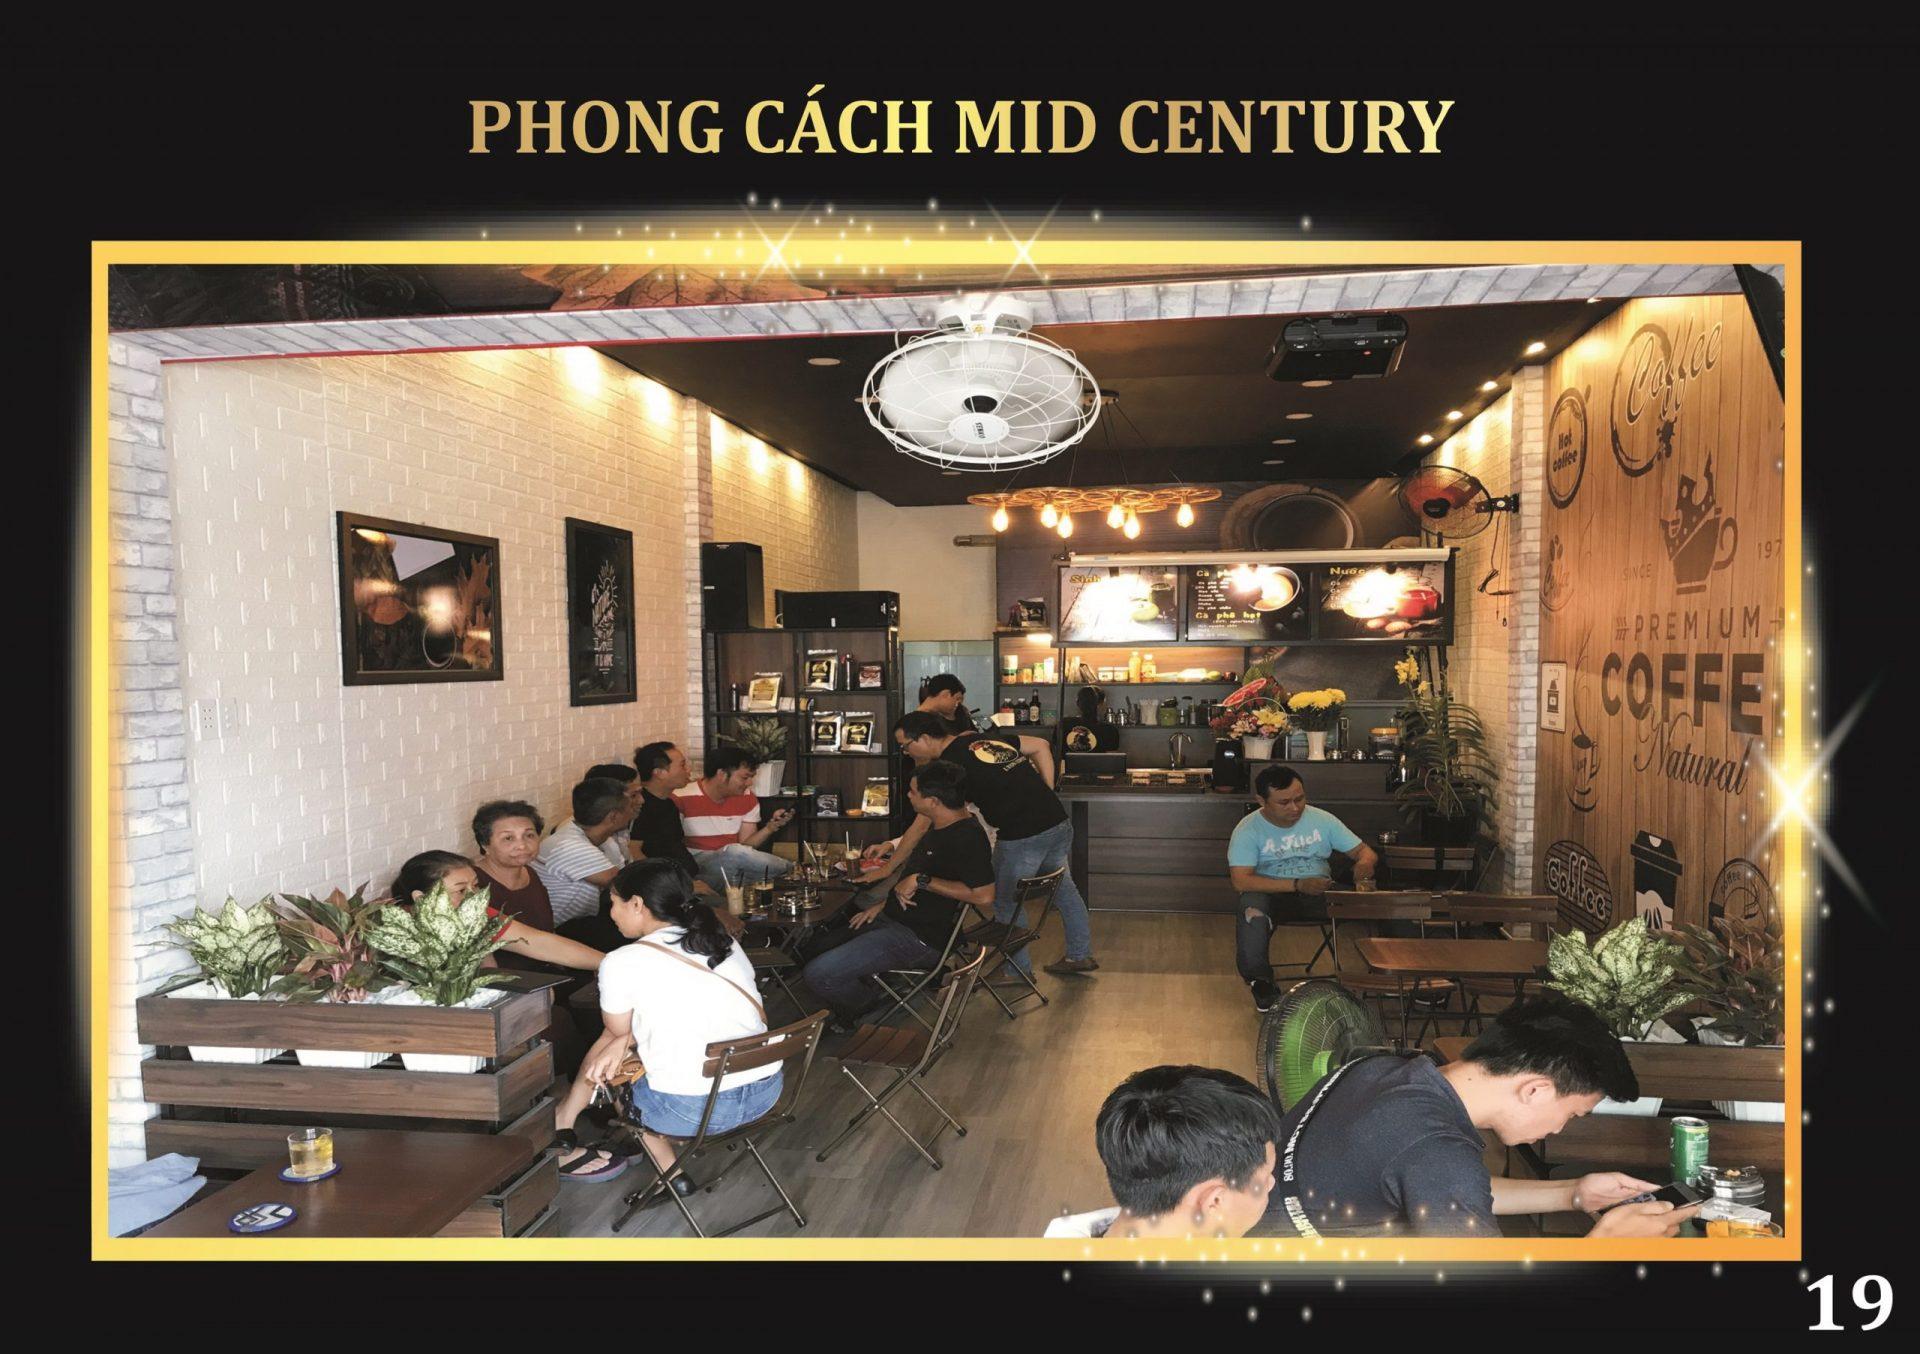 <em>Phong cách thiết kế Mid Century khi mở mô hình quán cà phê pha máy</em>